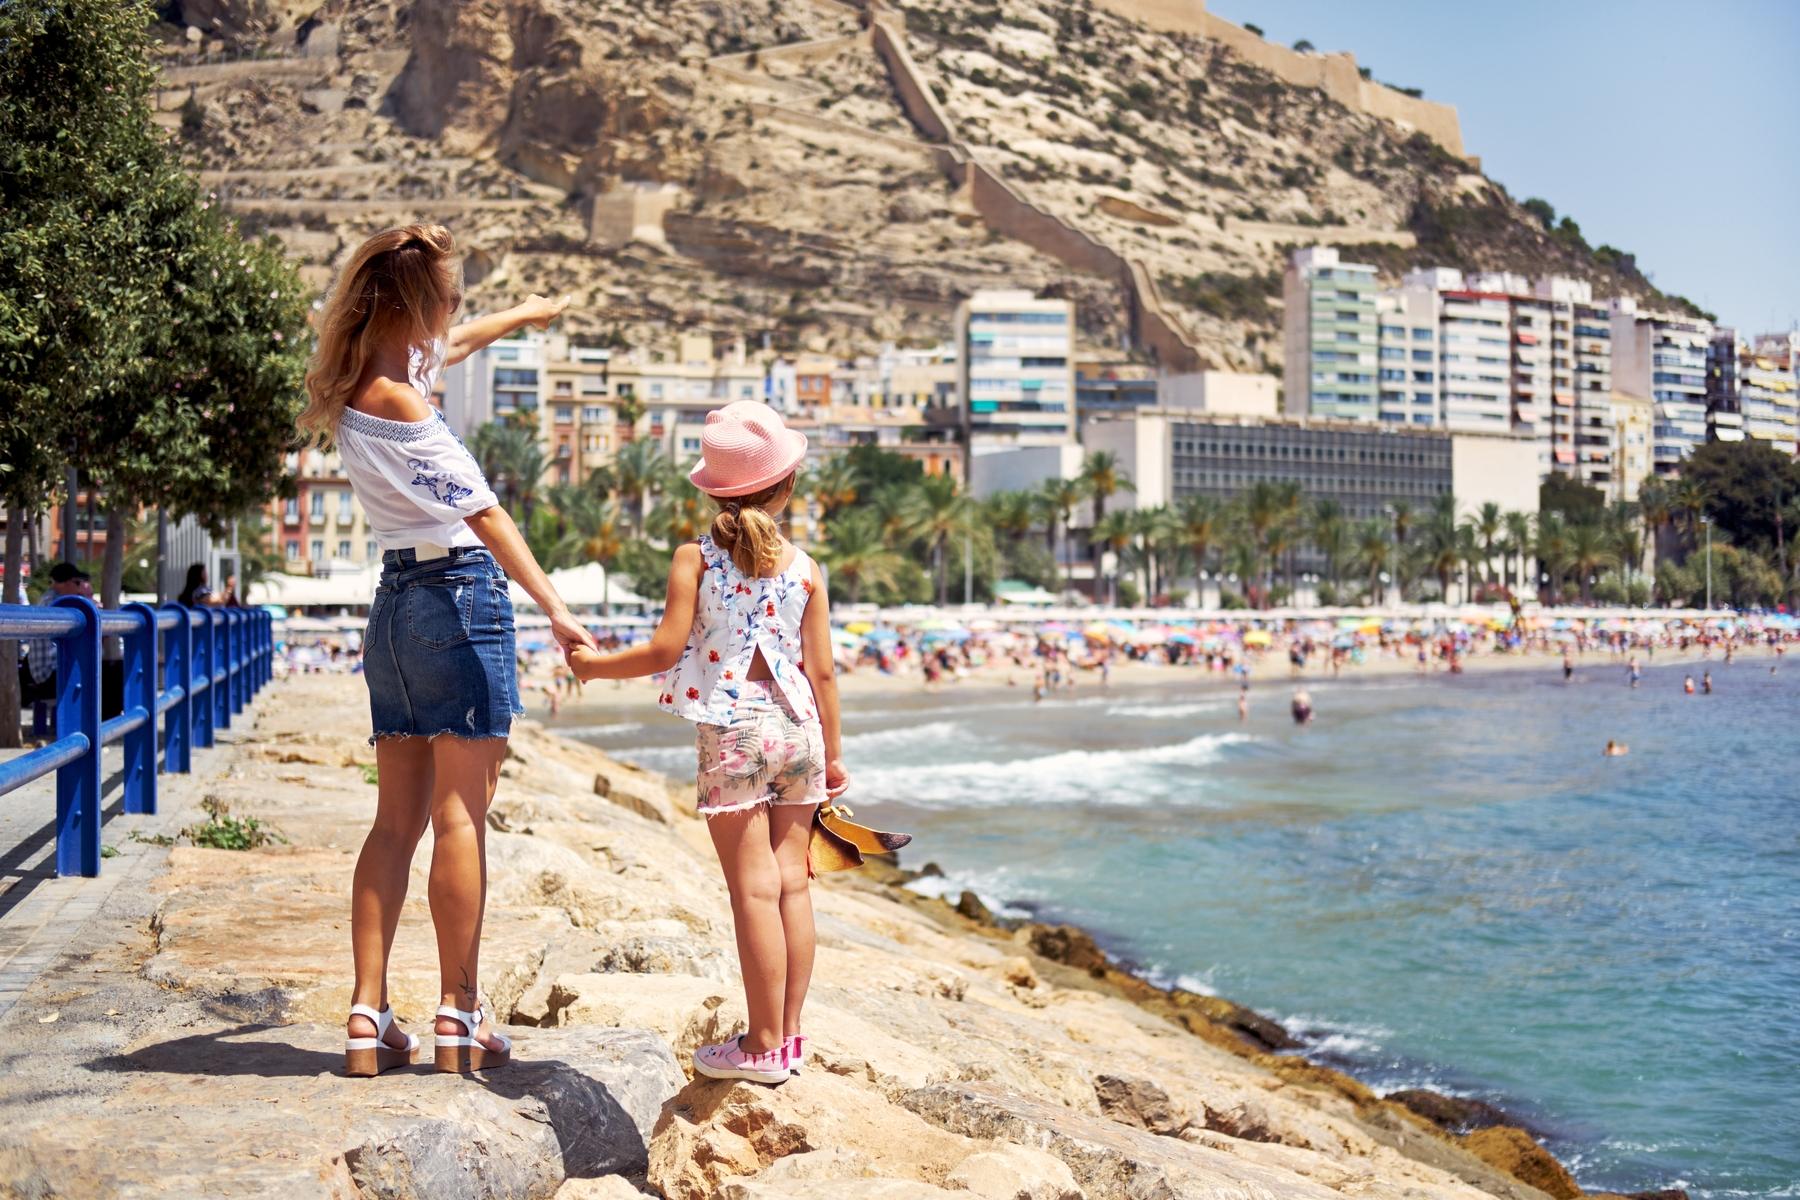 Отдых с семьей на море: найти билеты в Испанию